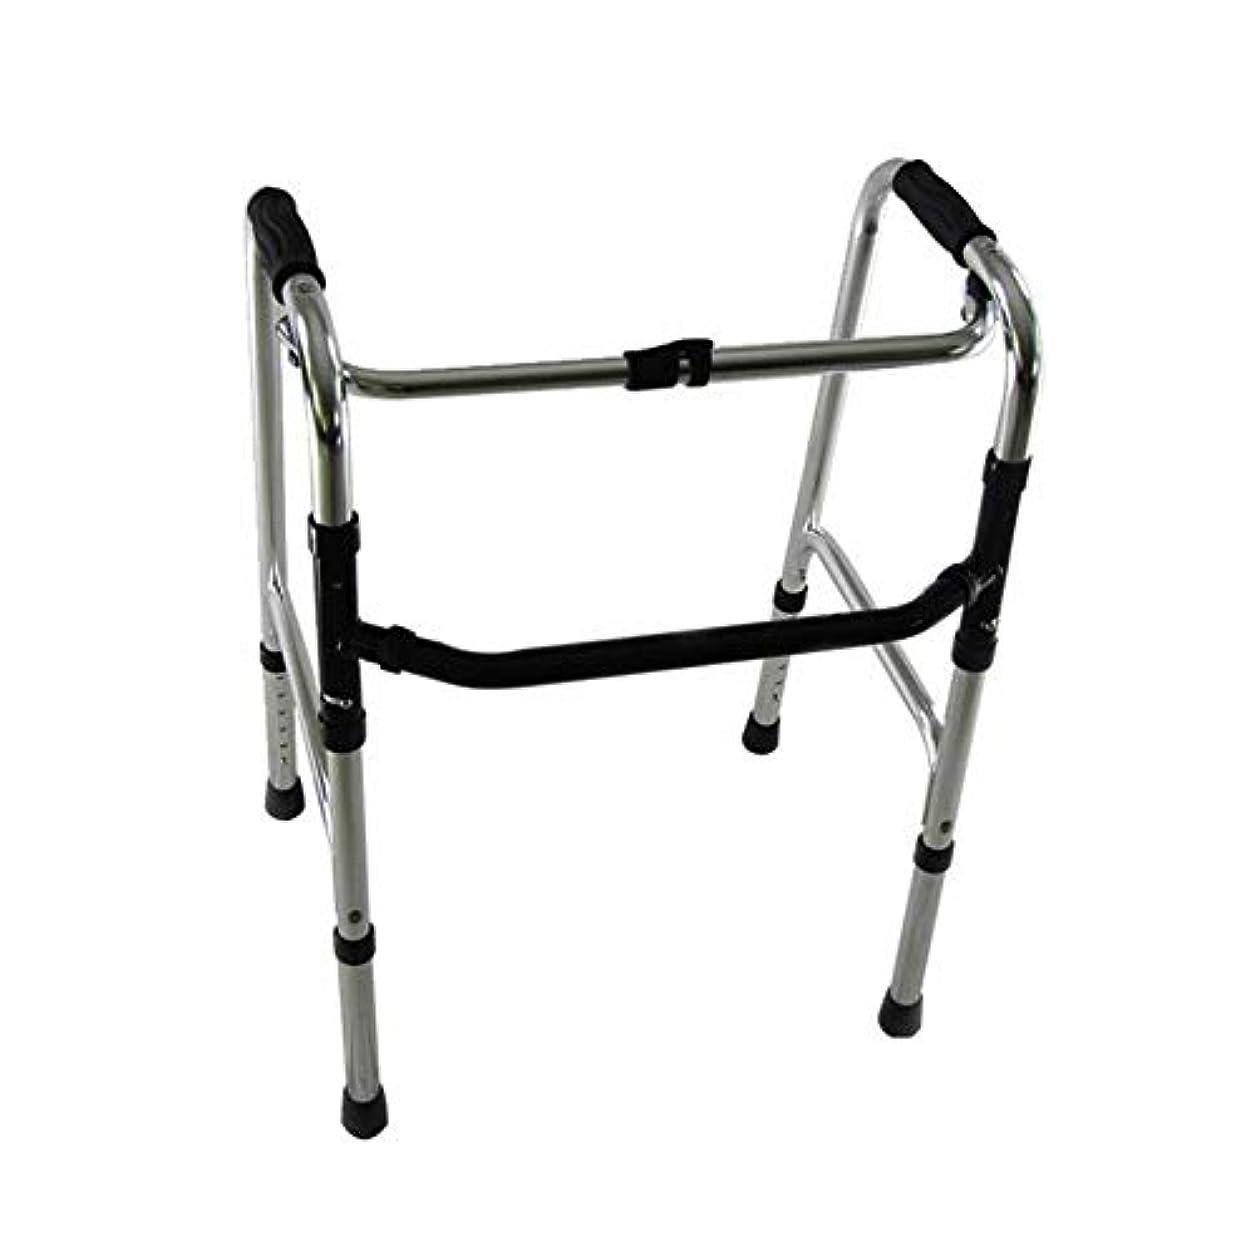 信頼格納ベット高齢者の障害者支援のために調整可能な軽量歩行フレーム折りたたみアルミニウムの高さ